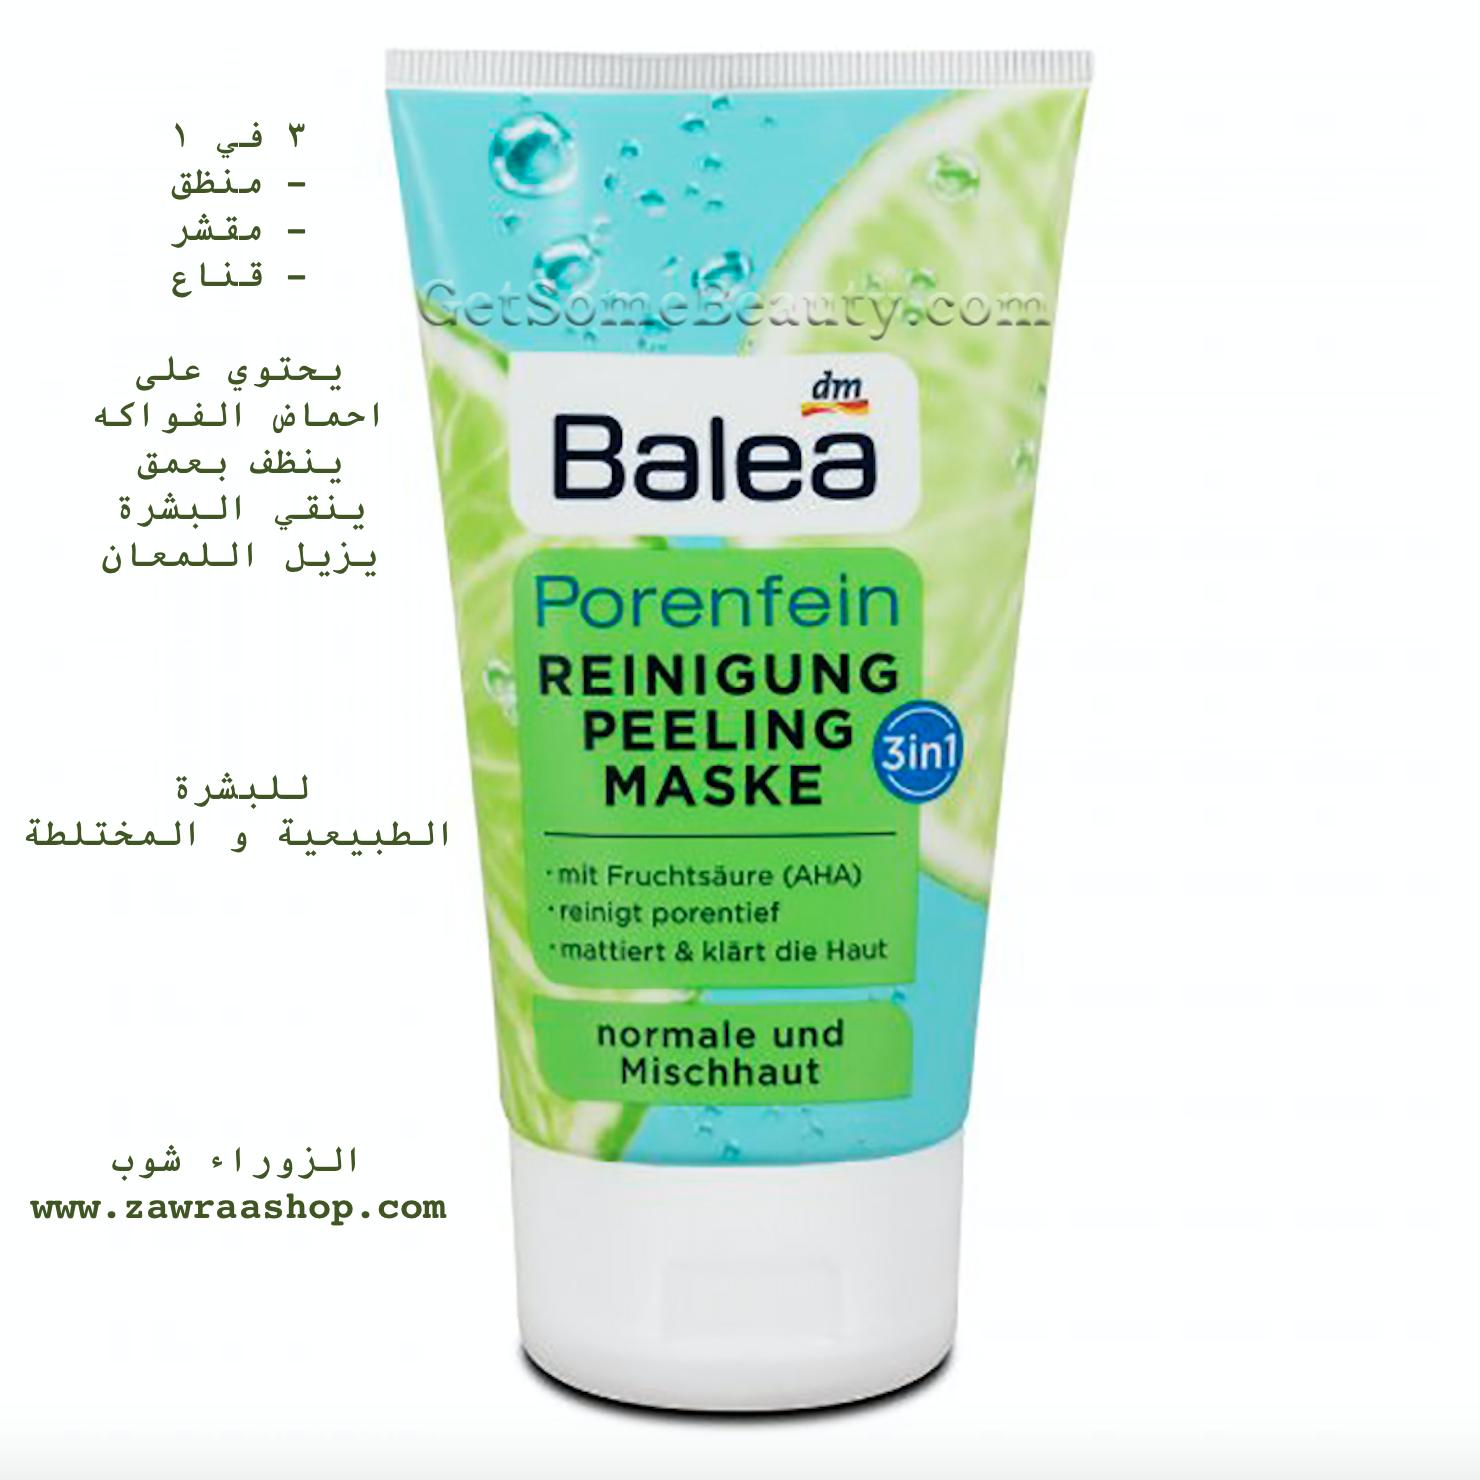 B302 porenfein reinigung peeling maske 3in1 150ml غسول و مقشر و قناع 00425